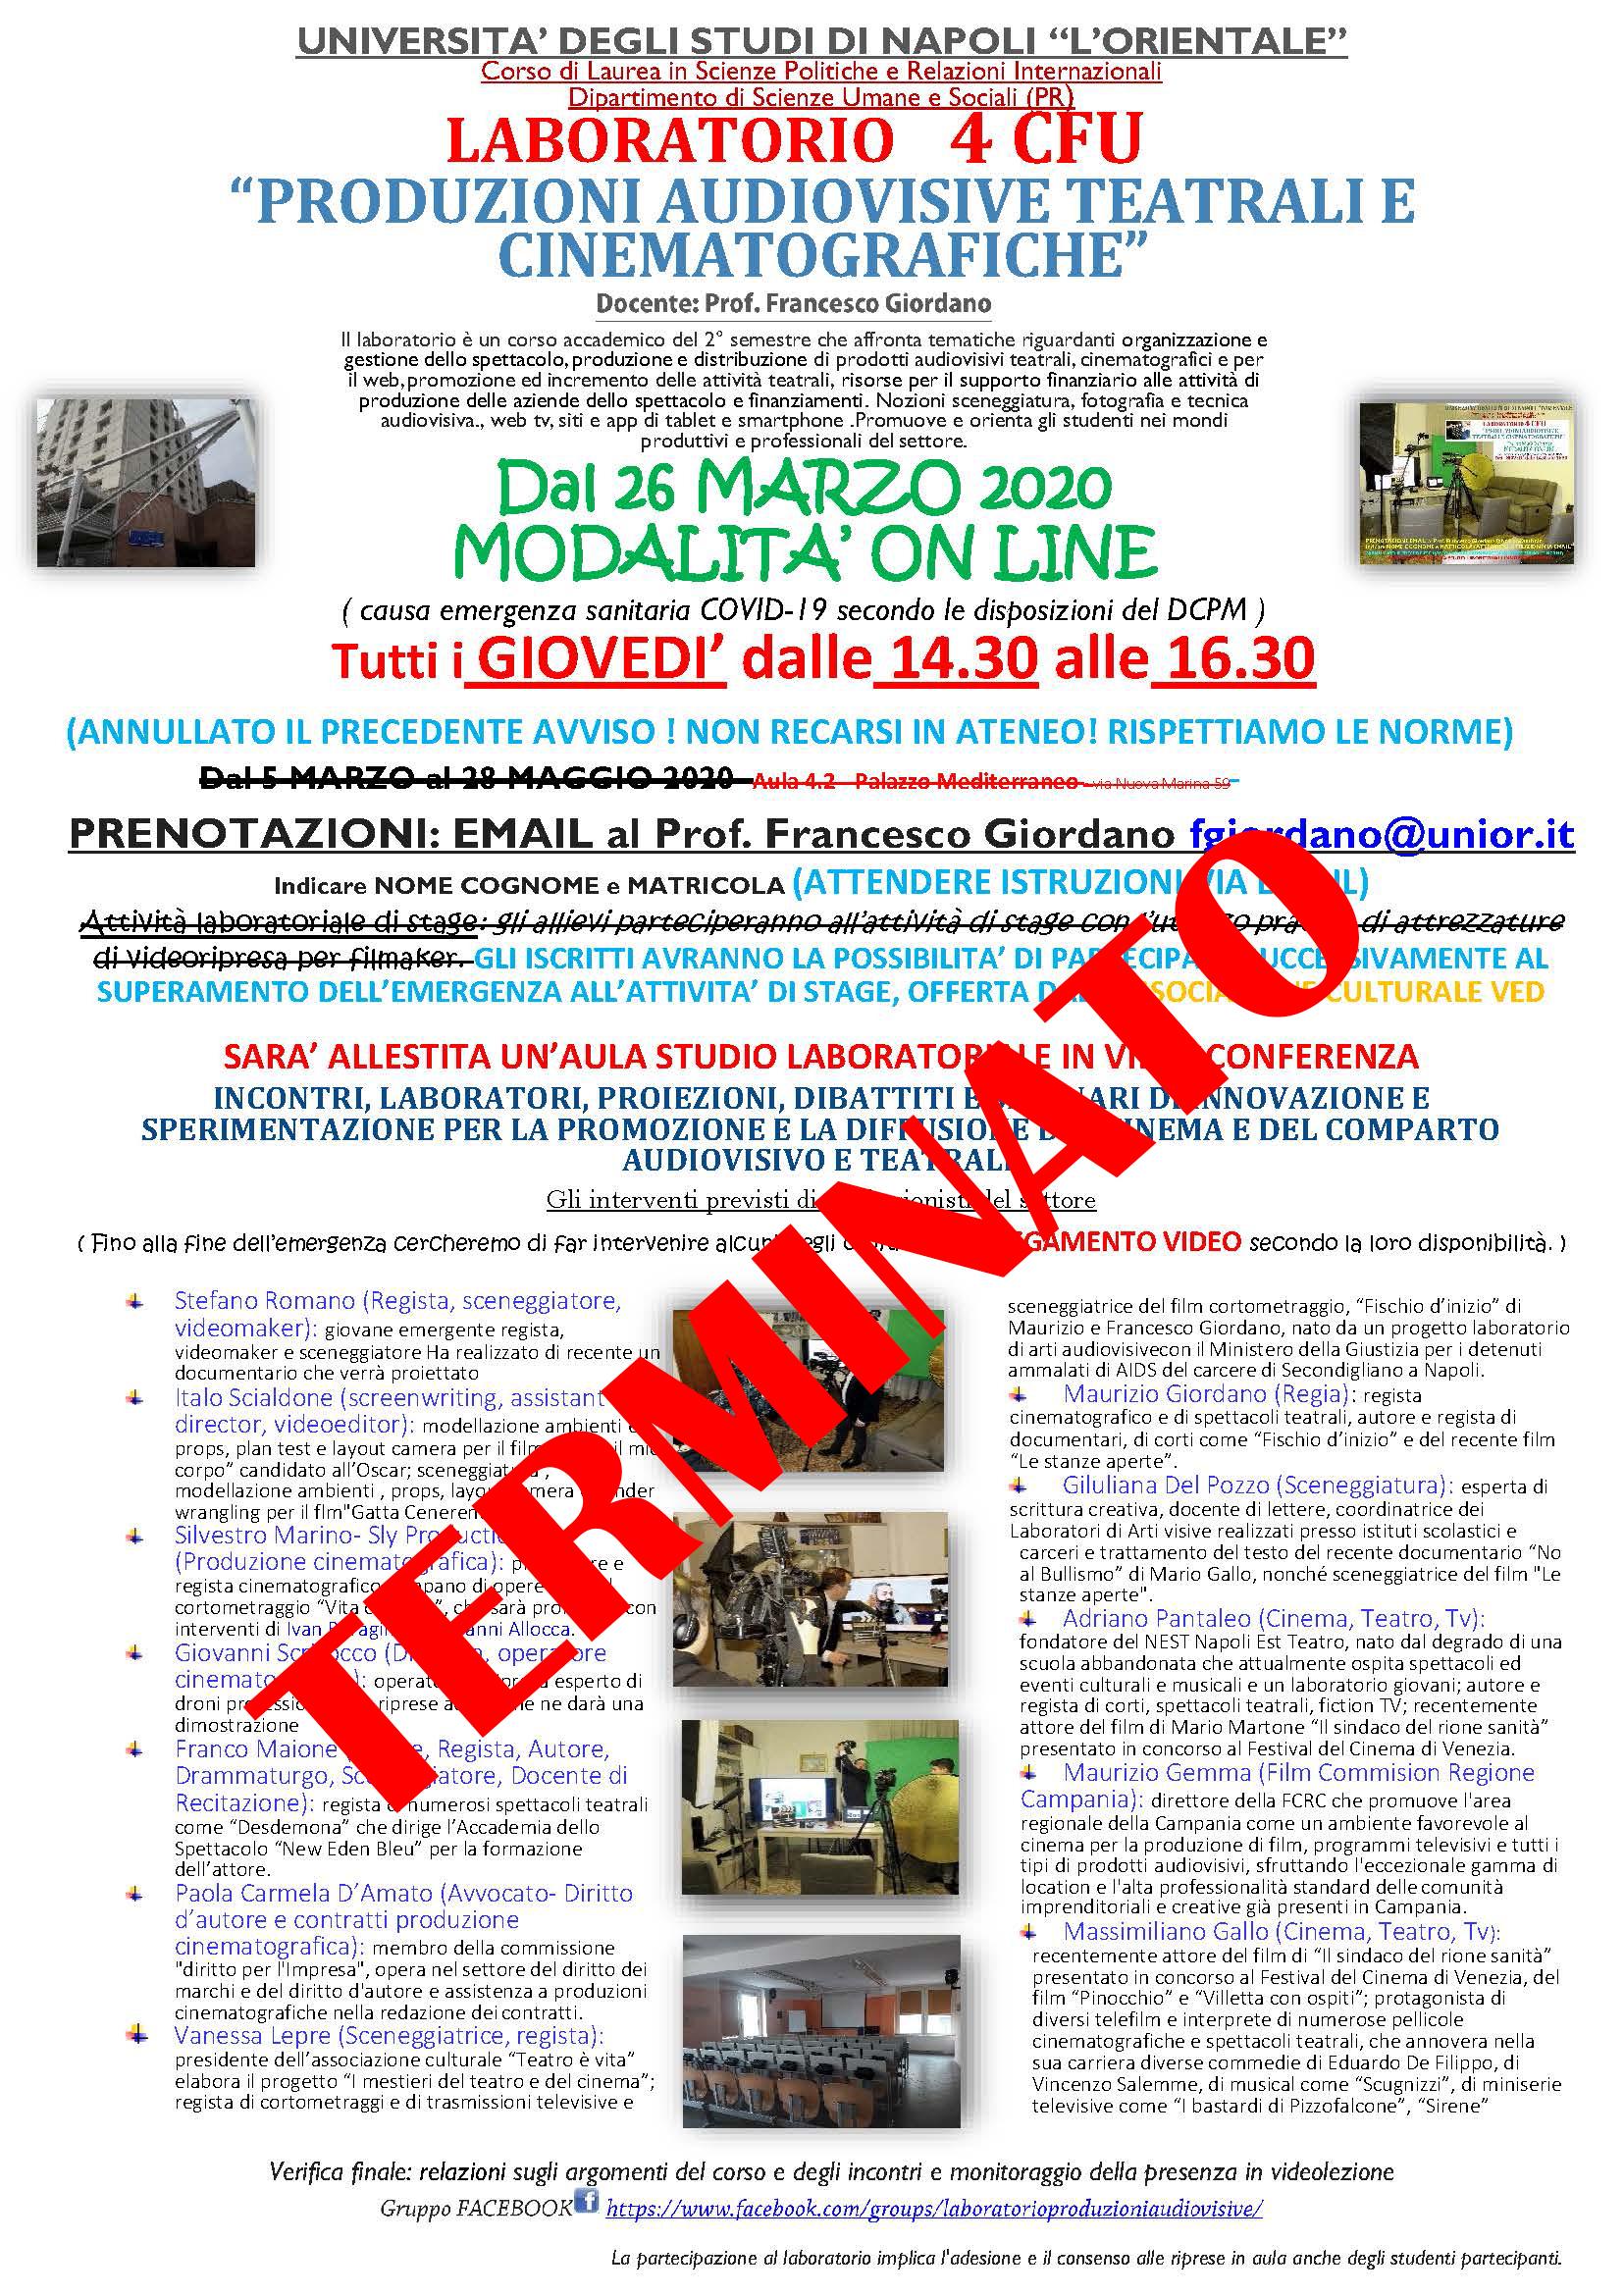 LABORATORIO DI PRODUZIONI AUDIOVISIVE, TEATRALI E CINEMATOGRAFICHE  - Prof. Francesco Giordano